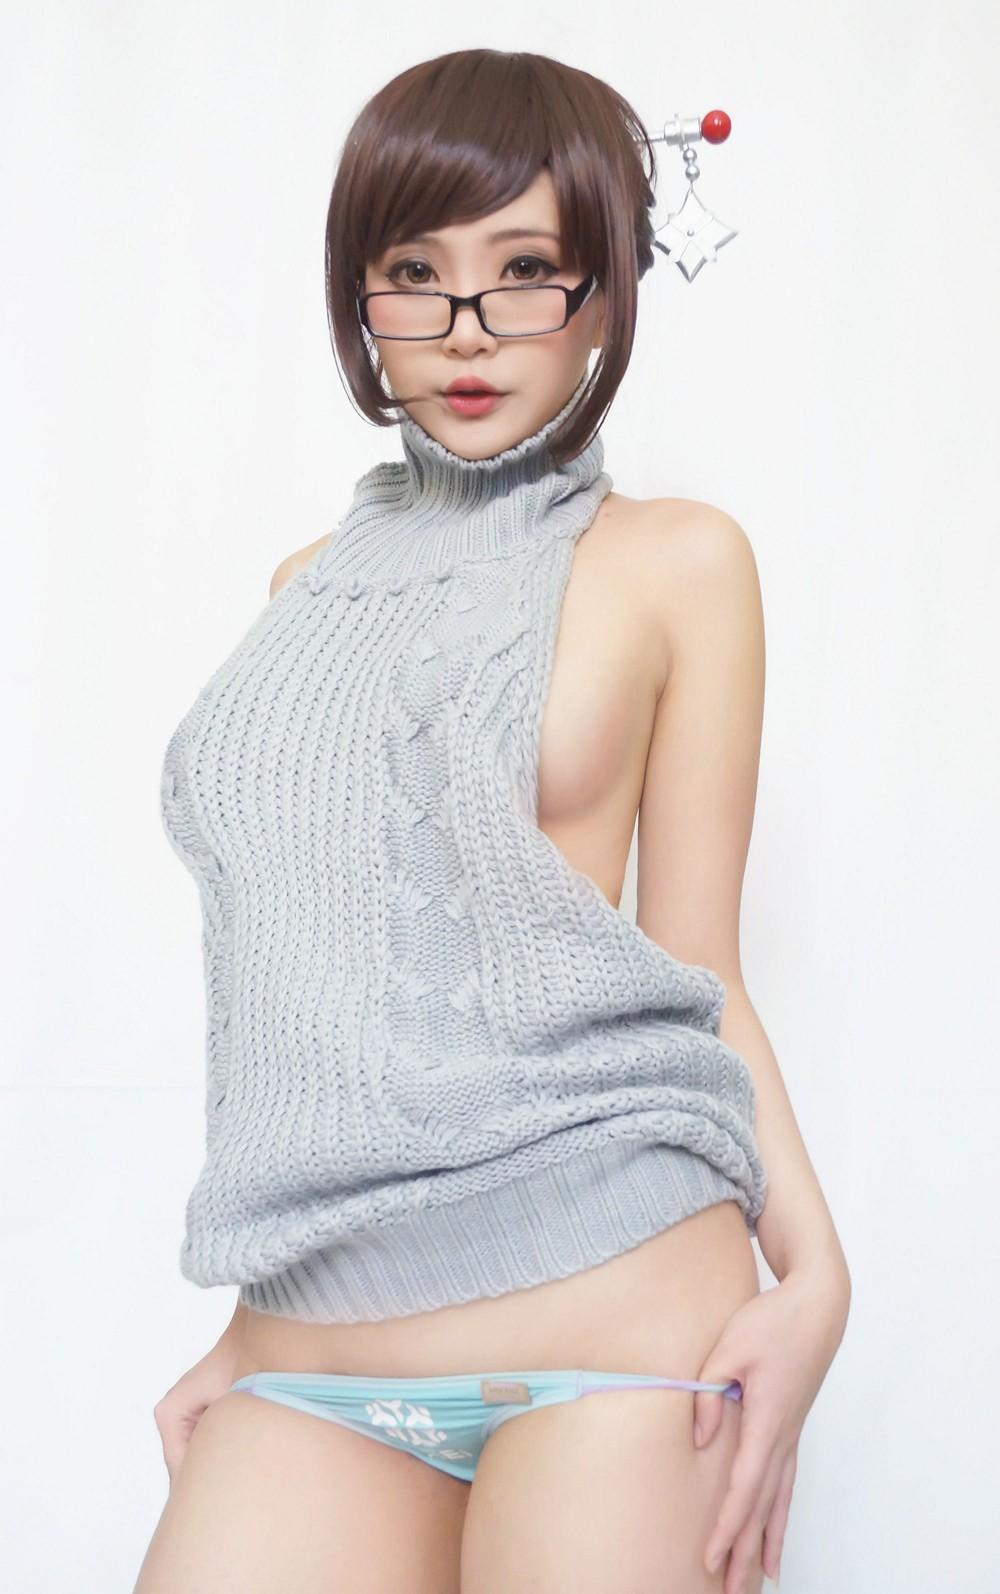 Hana Bunny - Mei VKS -第7张